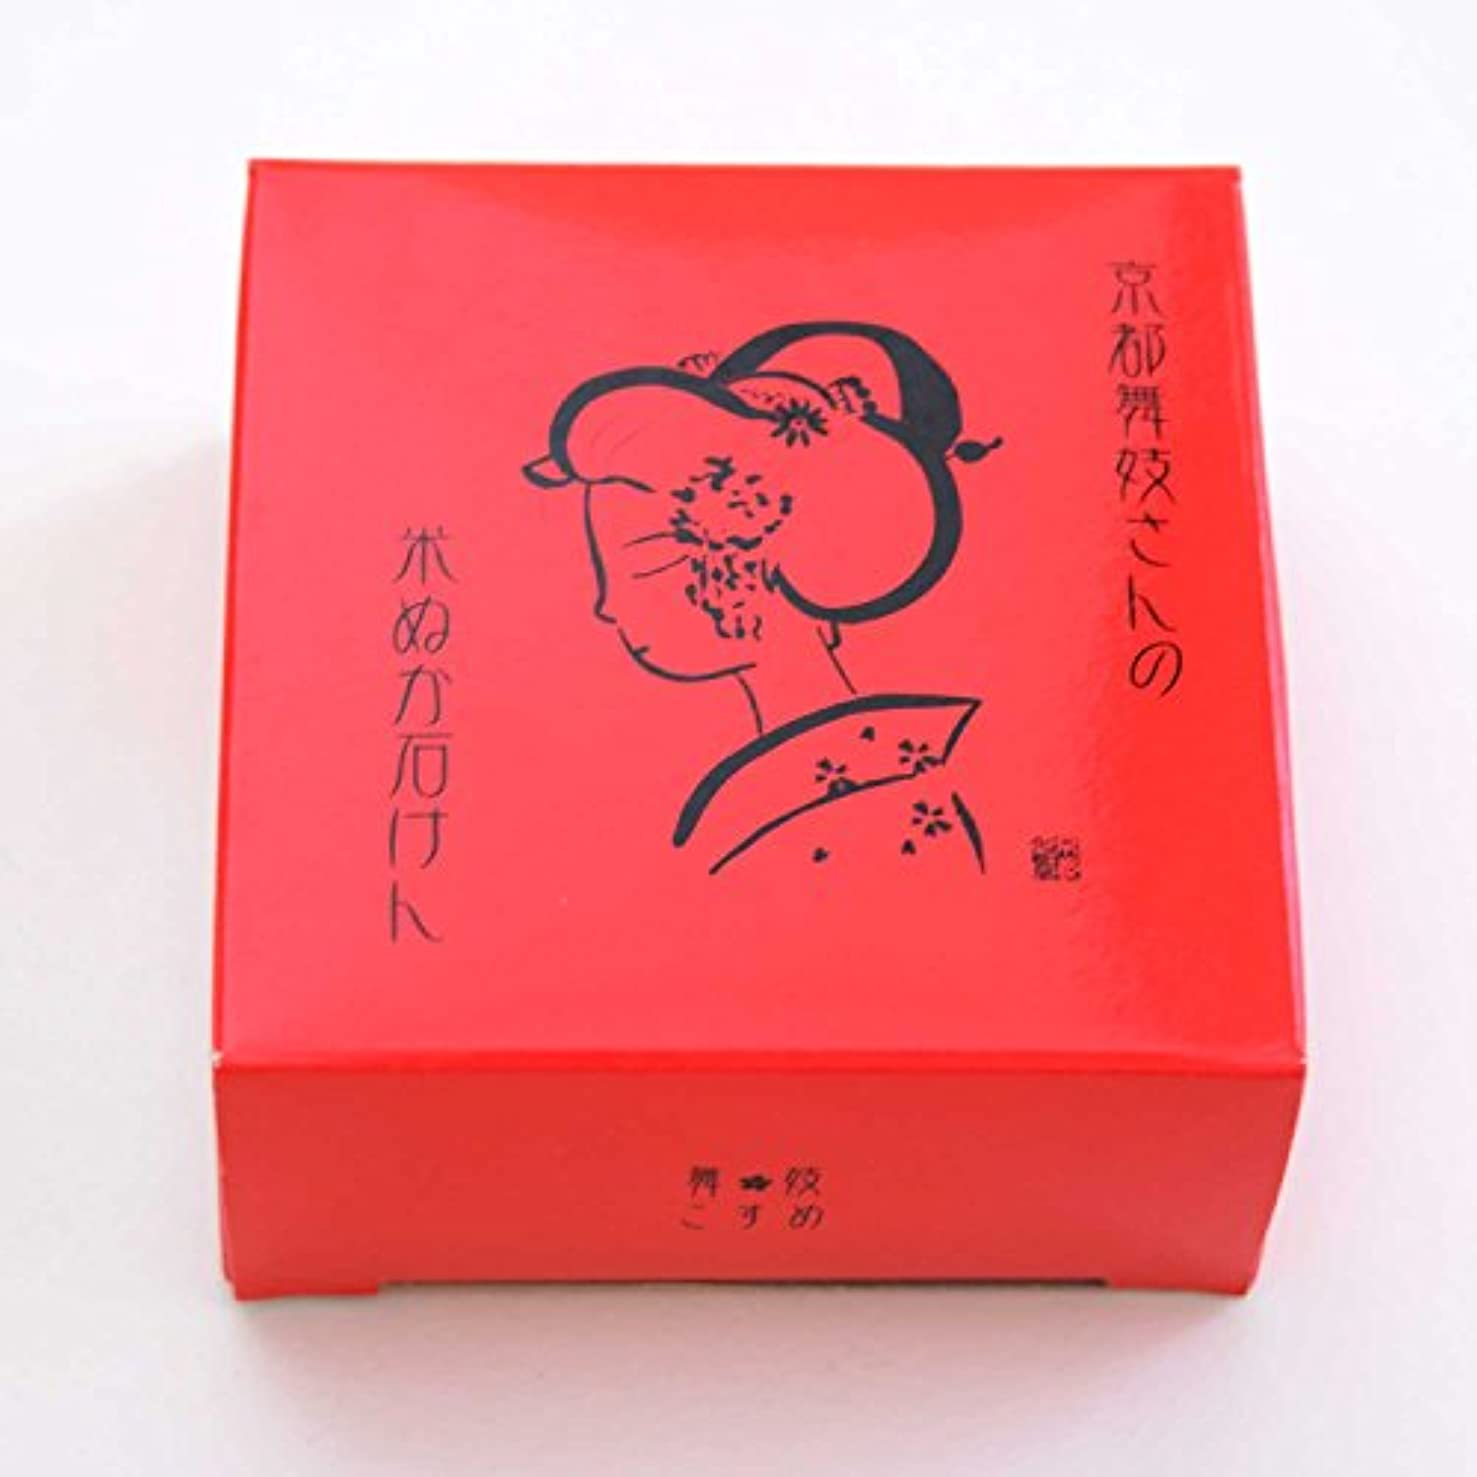 旅客レプリカ在庫京都限定 舞妓さんの米ぬか石鹸 米ぬかエキス配合 無香料 無着色